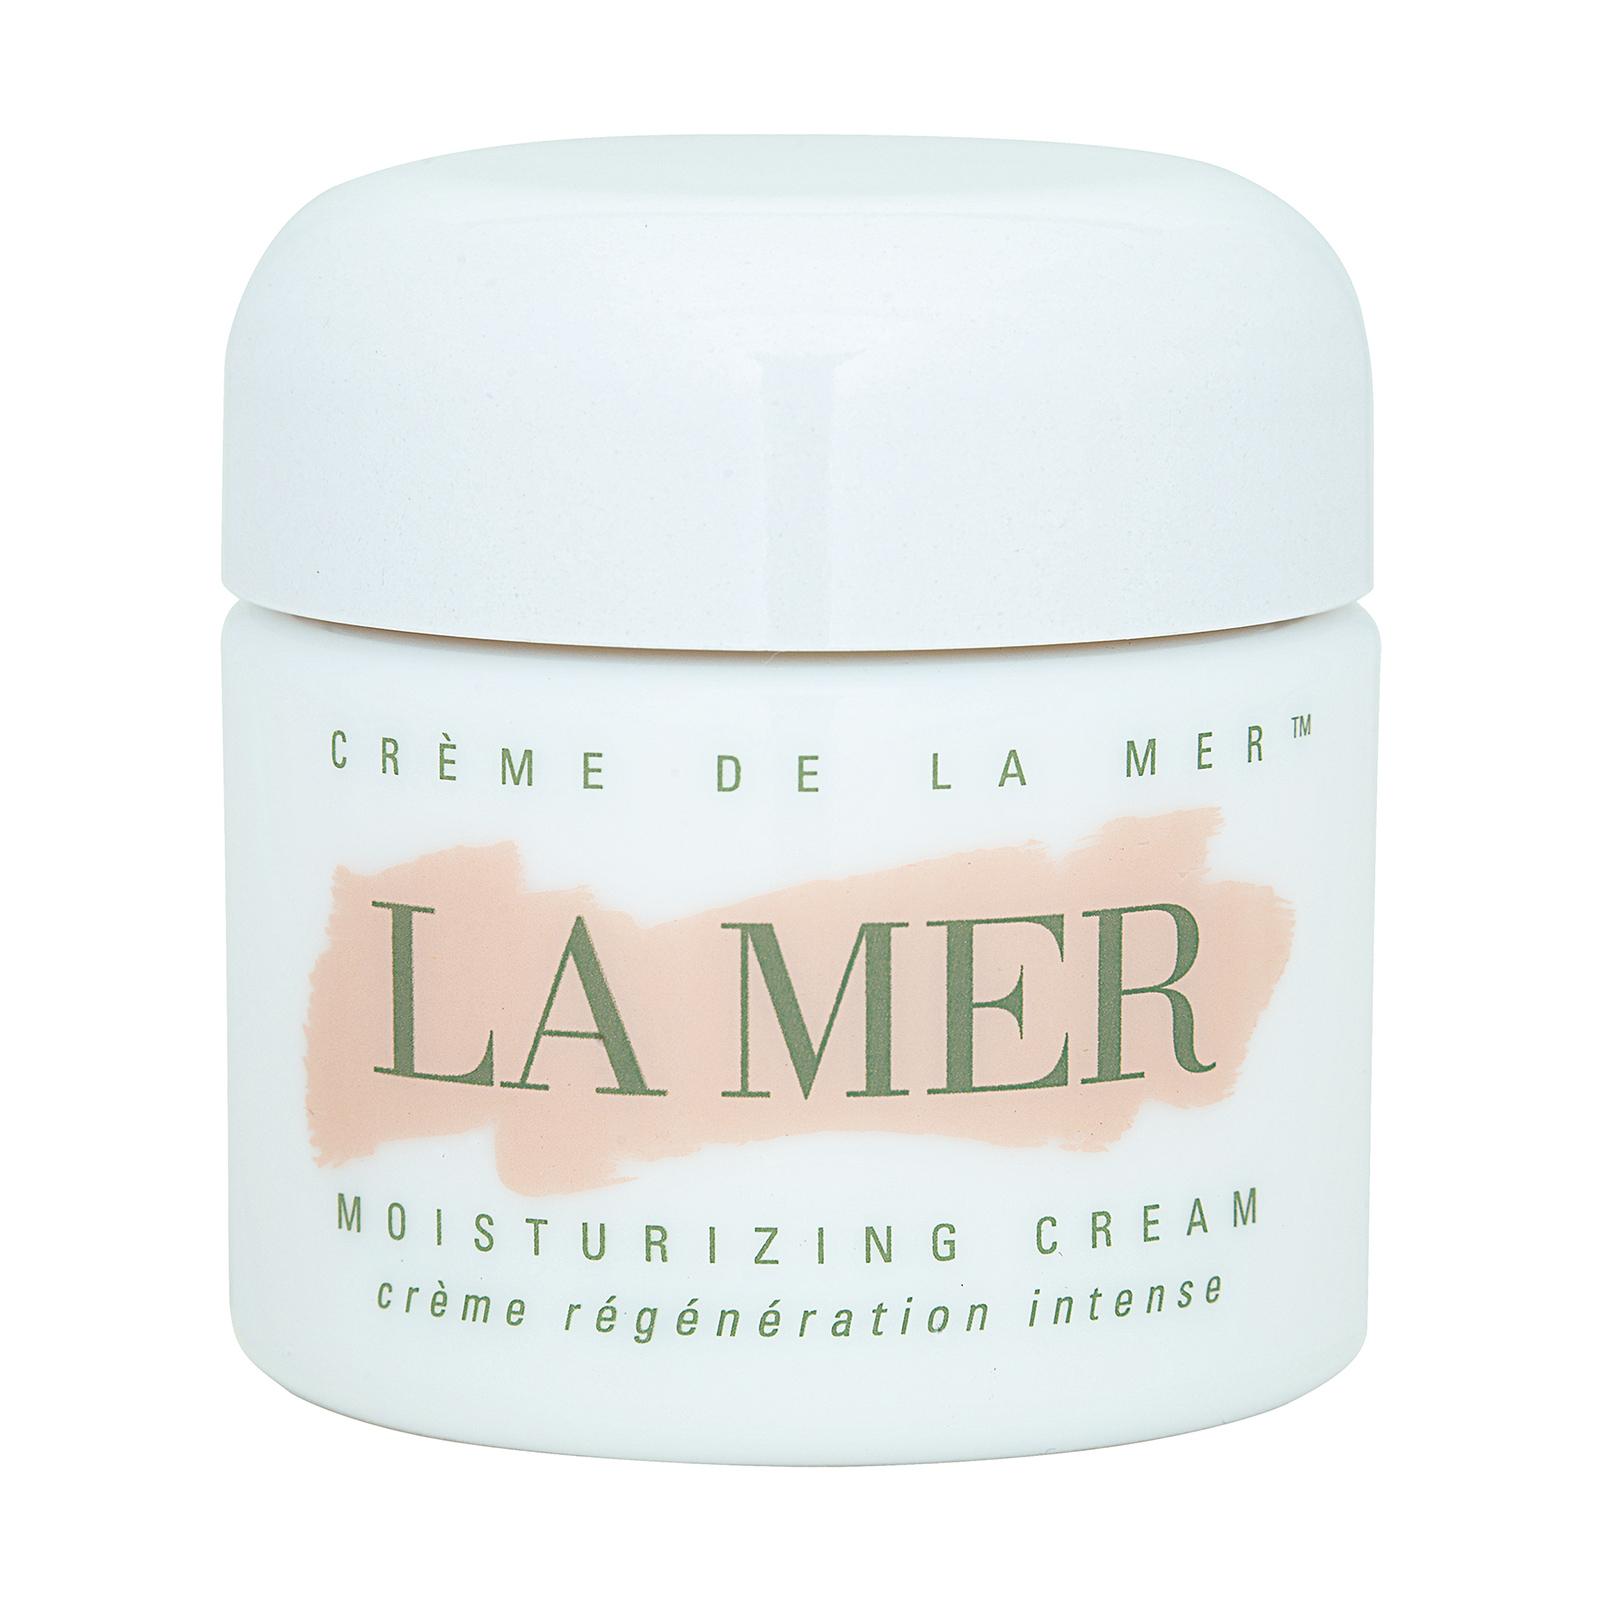 La Mer The Moisturizing Cream (Creme de la Mer) 2oz, 60ml